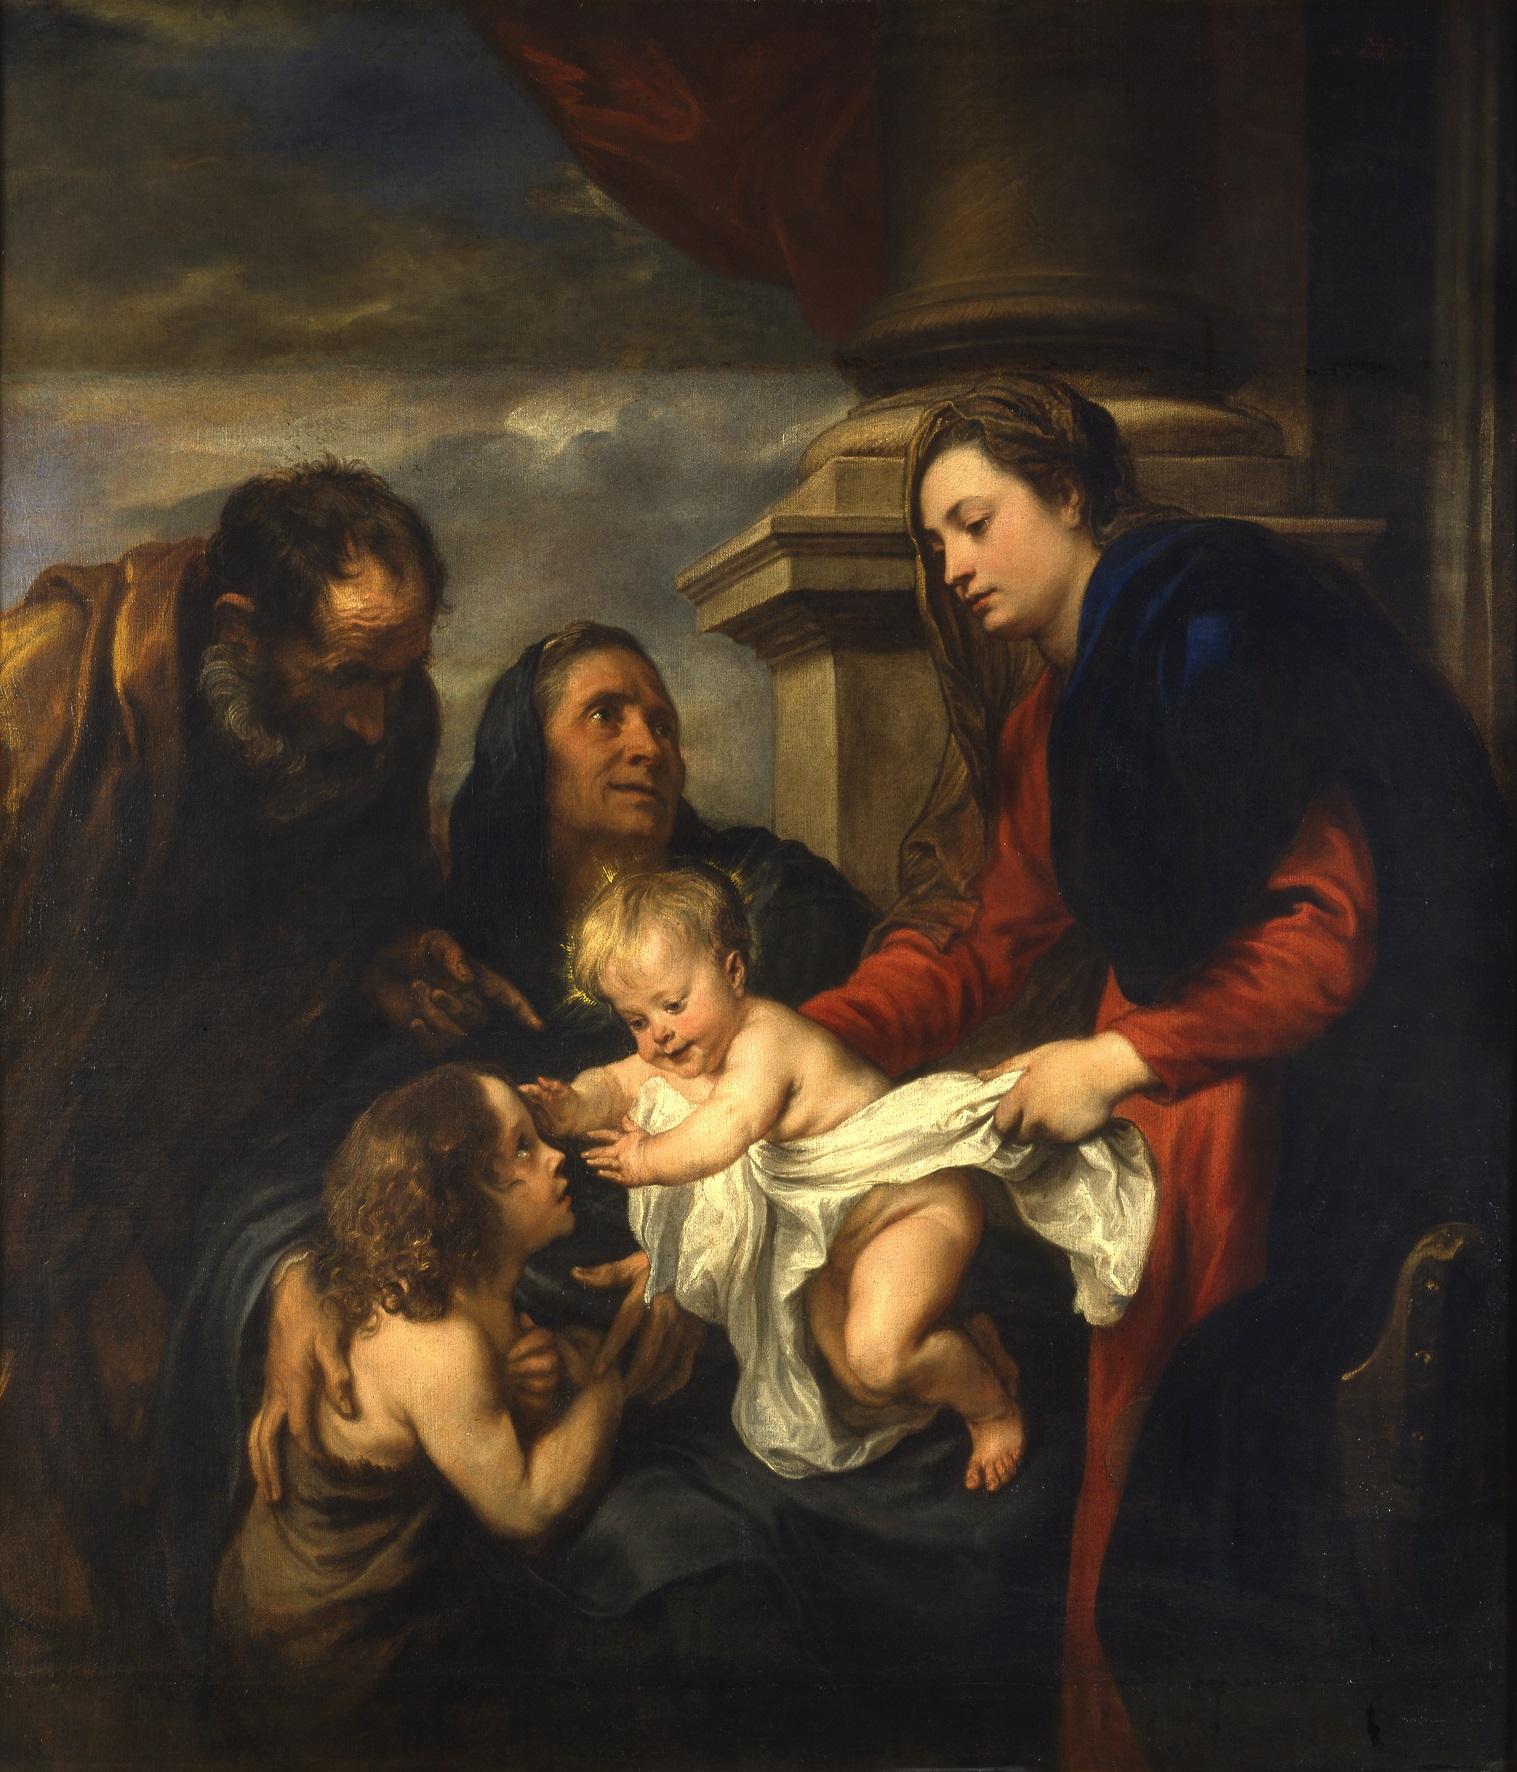 ANTON VAN DYCK (Anversa 1599 – Londra 1641) Sacra Famiglia con san Giovannino e sant'Elisabetta Olio su tela, 155 x 142 cm Torino, Galleria Sabauda